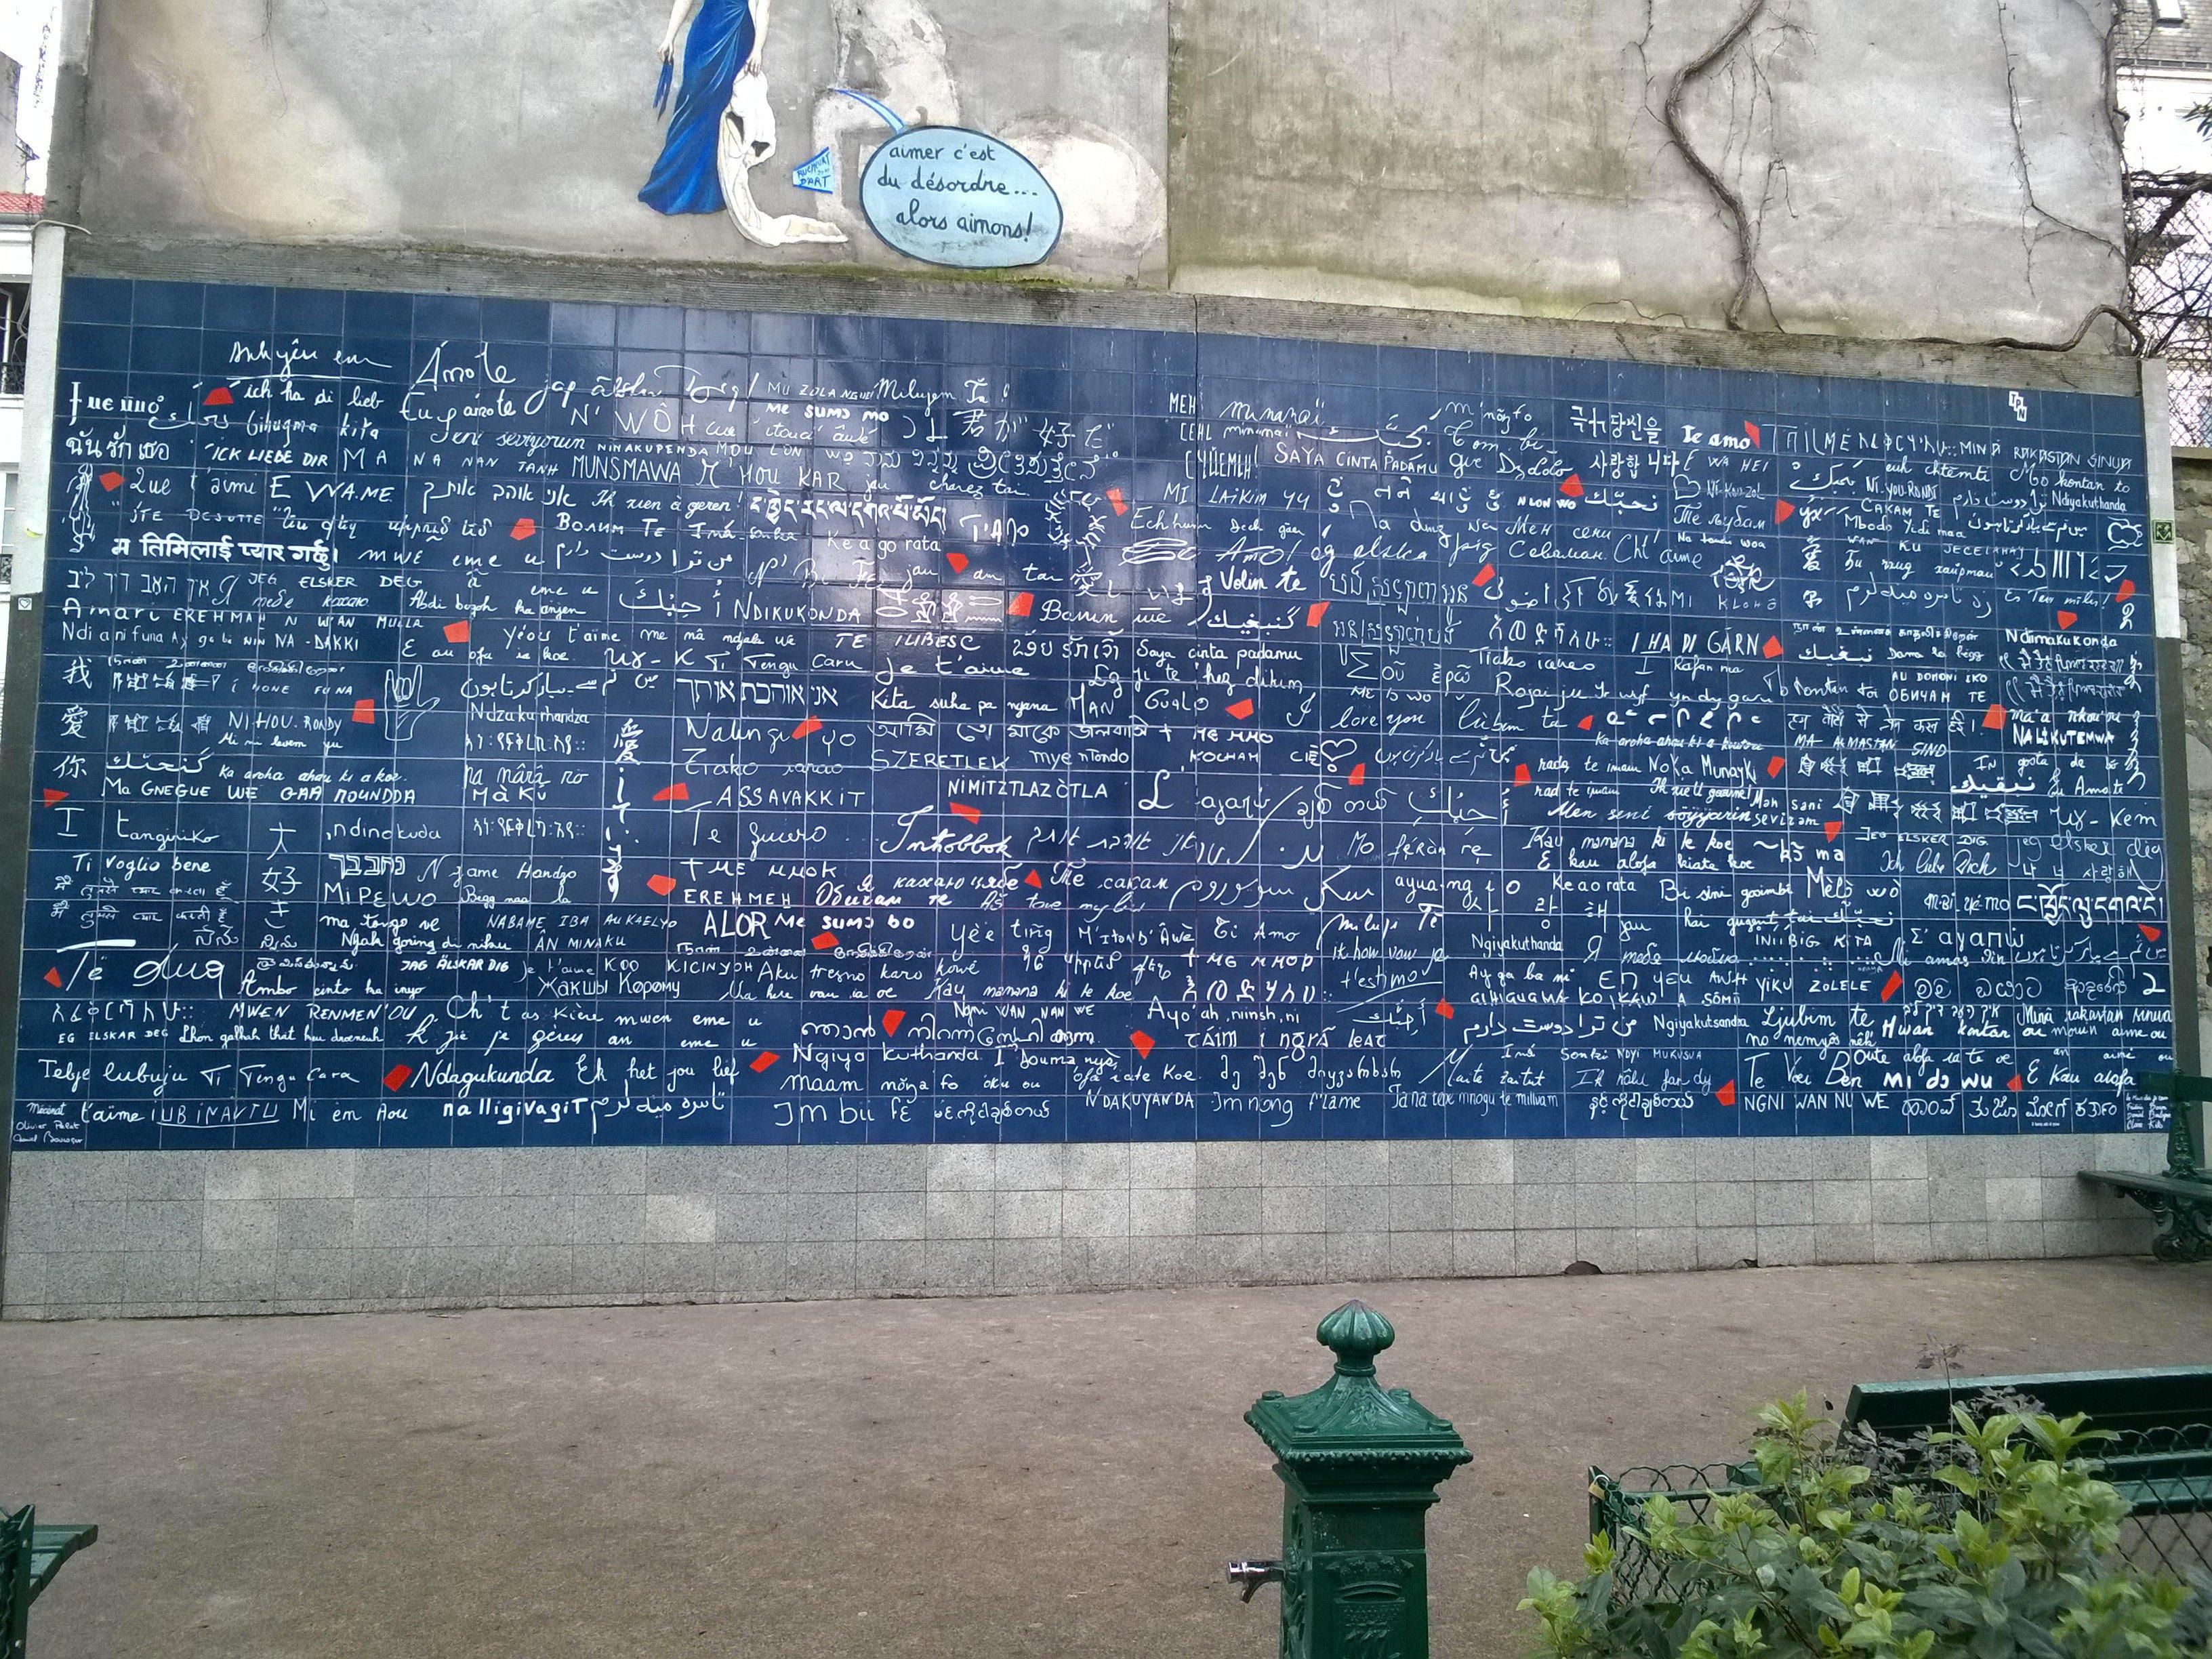 【携程攻略】巴黎爱墙景点